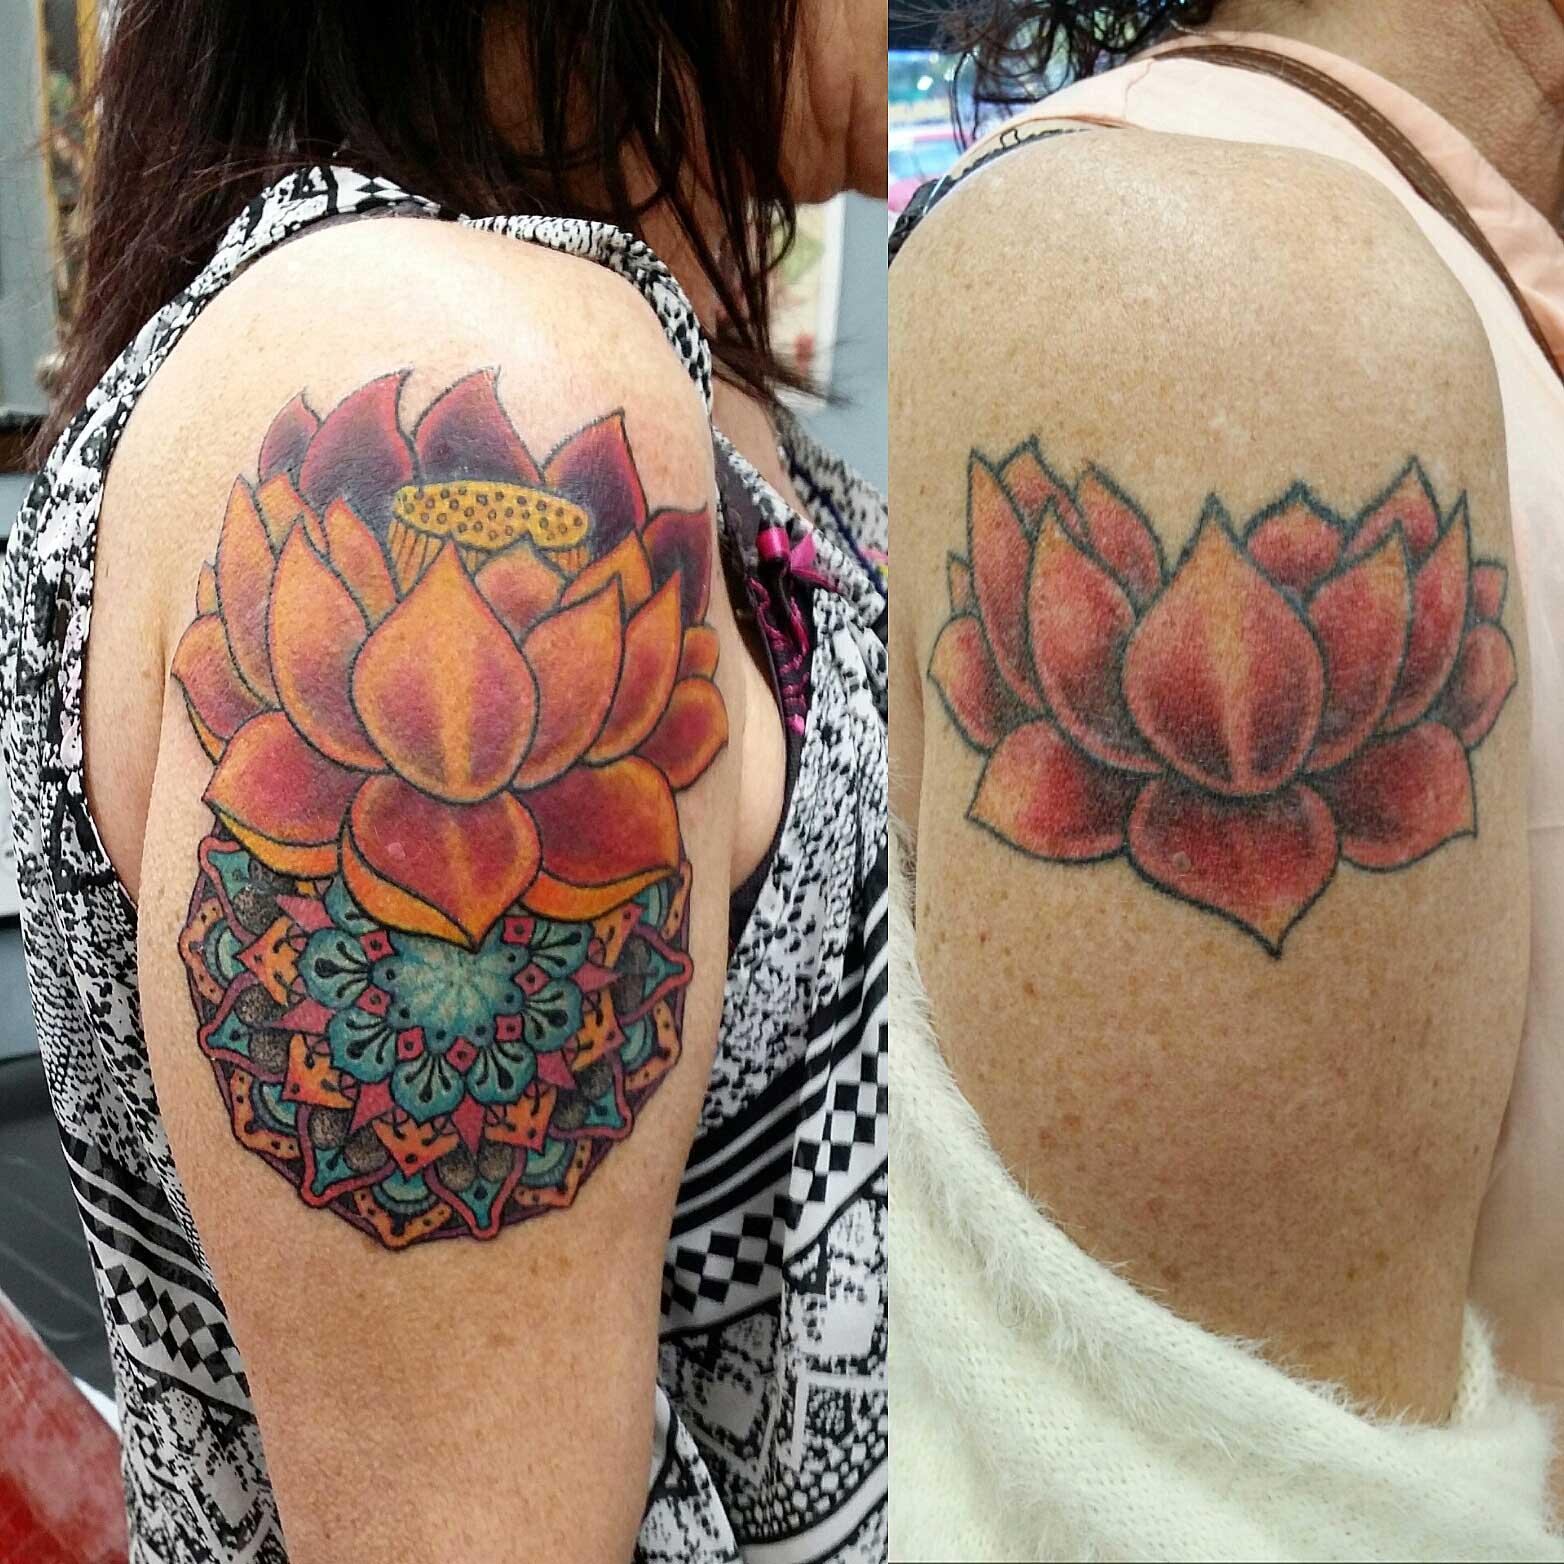 geomtric-mandala-tattoo-of-lotus-on-upper-arm